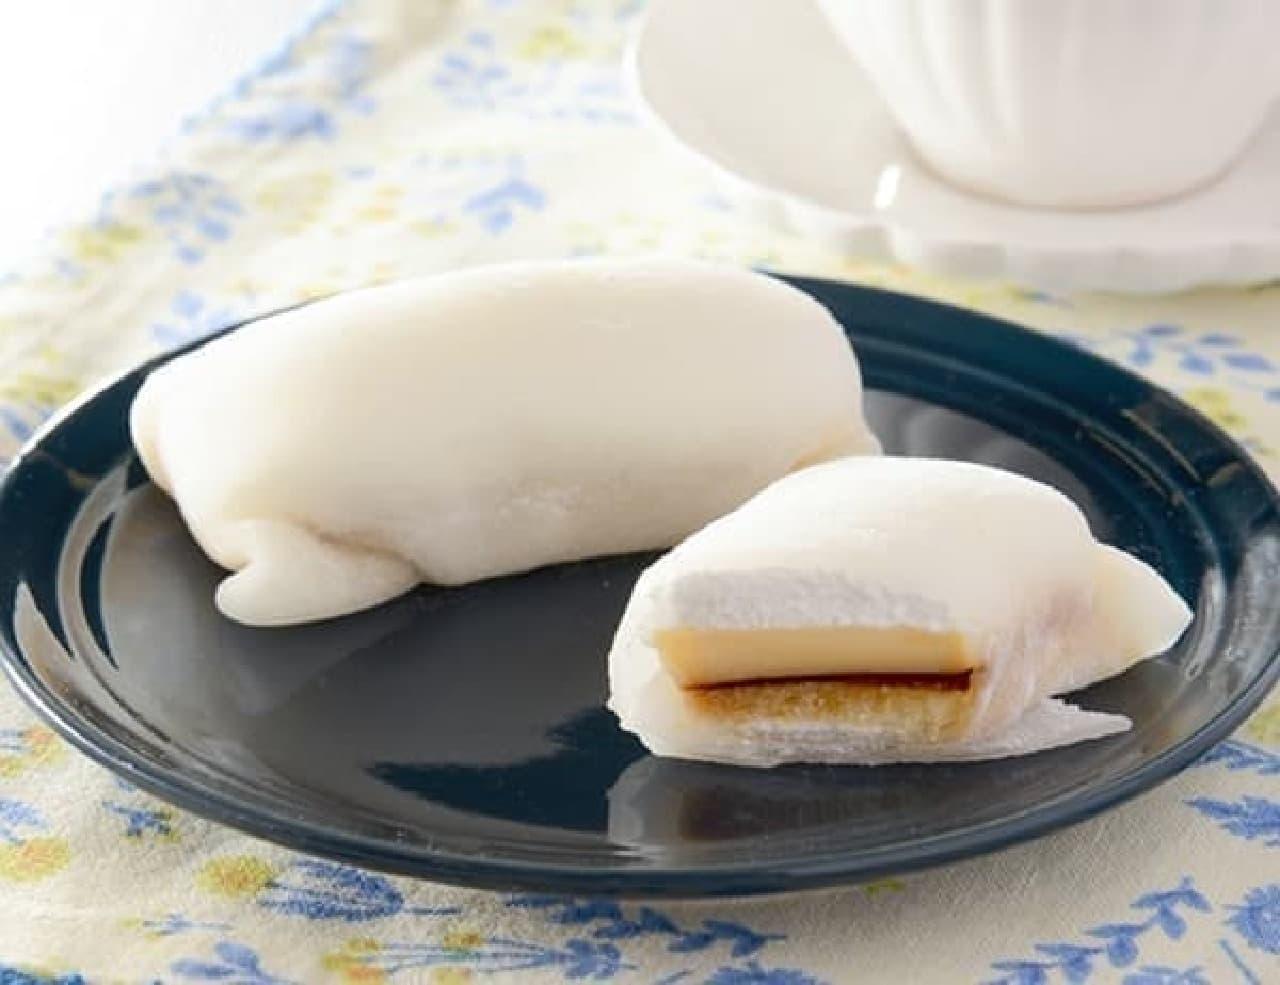 ローソン「モチクルン -おもちでくるんプリンケーキ-」